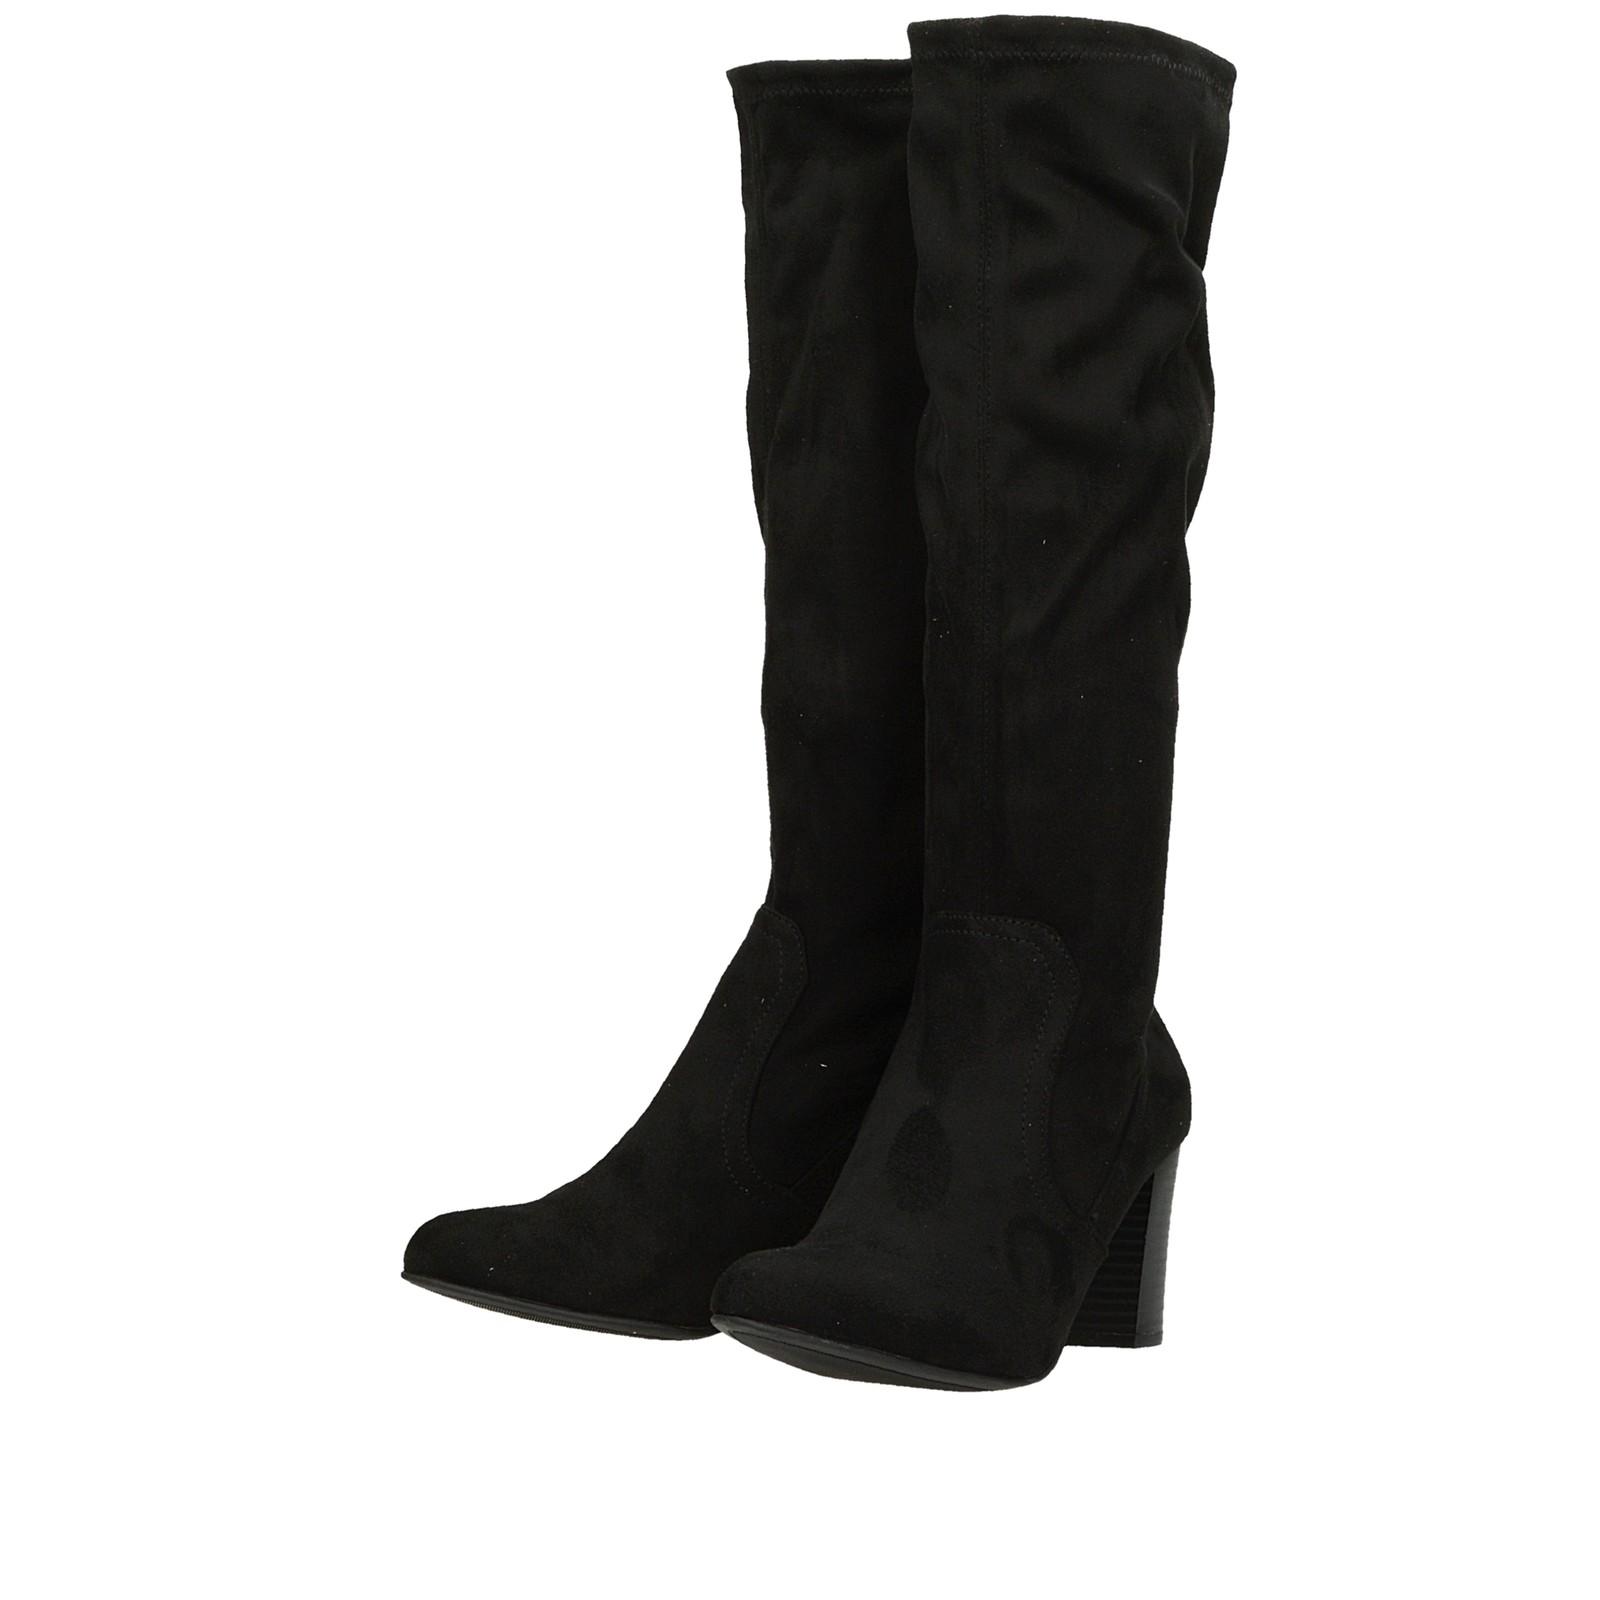 31f475c582 ... Caprice dámske textilné vysoké čižmy - čierne ...